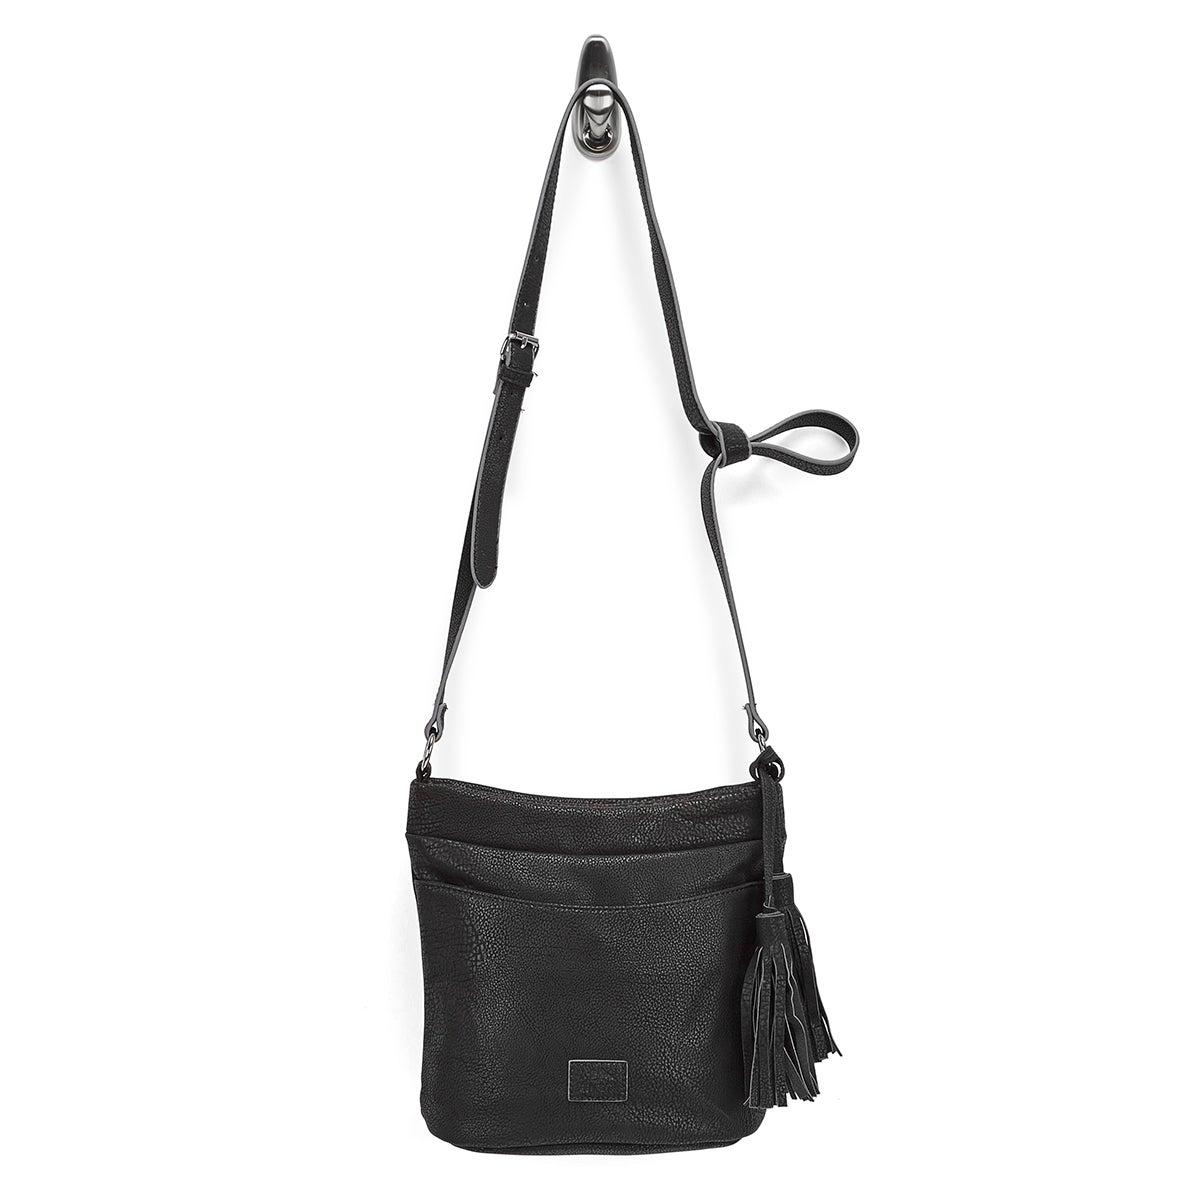 Lds black tassel detail hobo bag